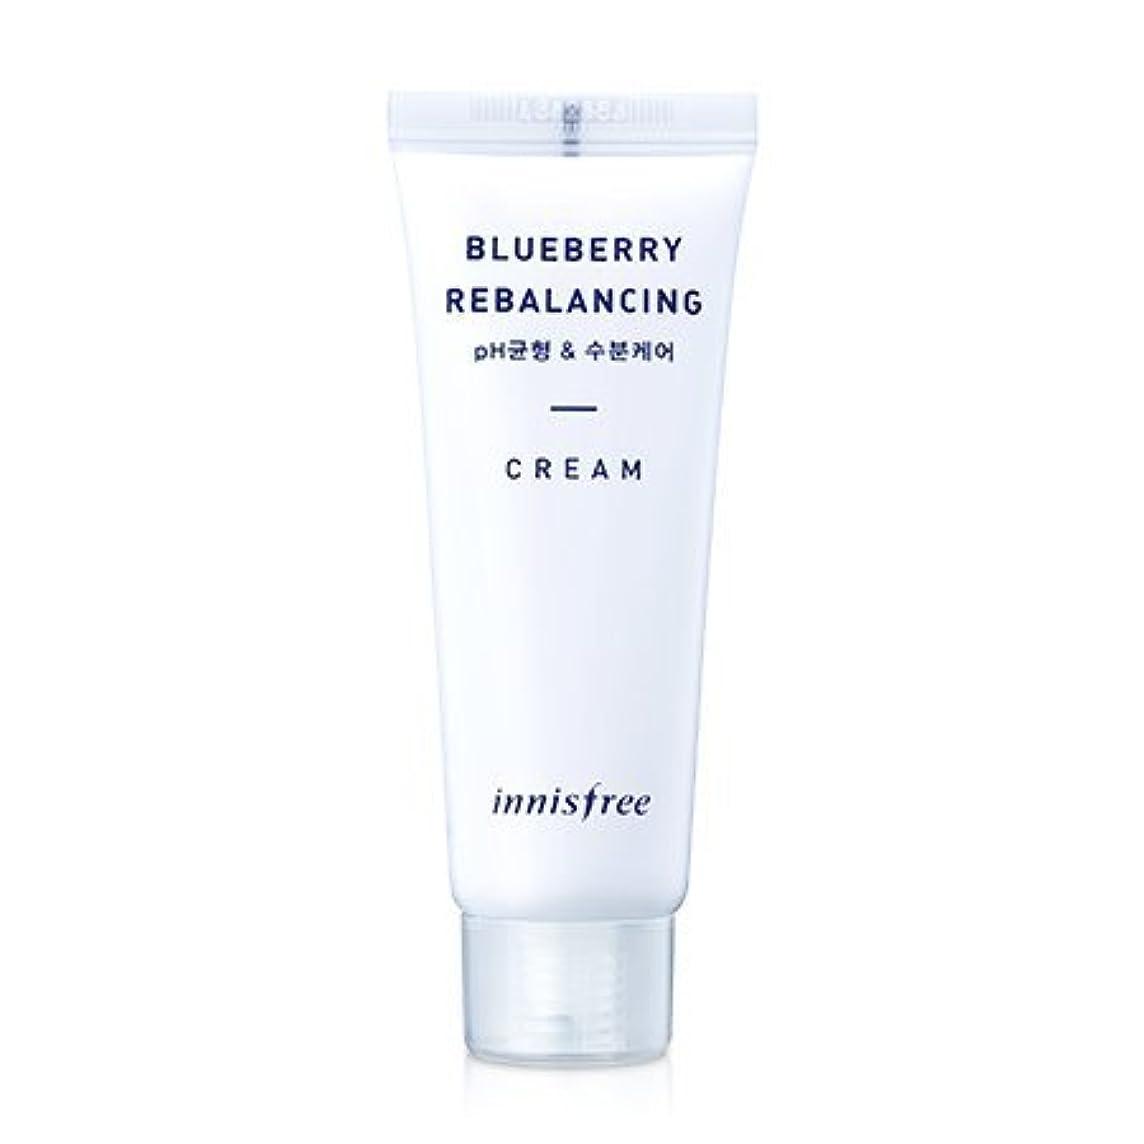 アテンダント学生ローマ人[innisfree(イニスフリー)] Super food_ Blueberry rebalancing cream (50ml) スーパーフード_ブルーベリーリベルロンシンクリーム[並行輸入品][海外直送品]